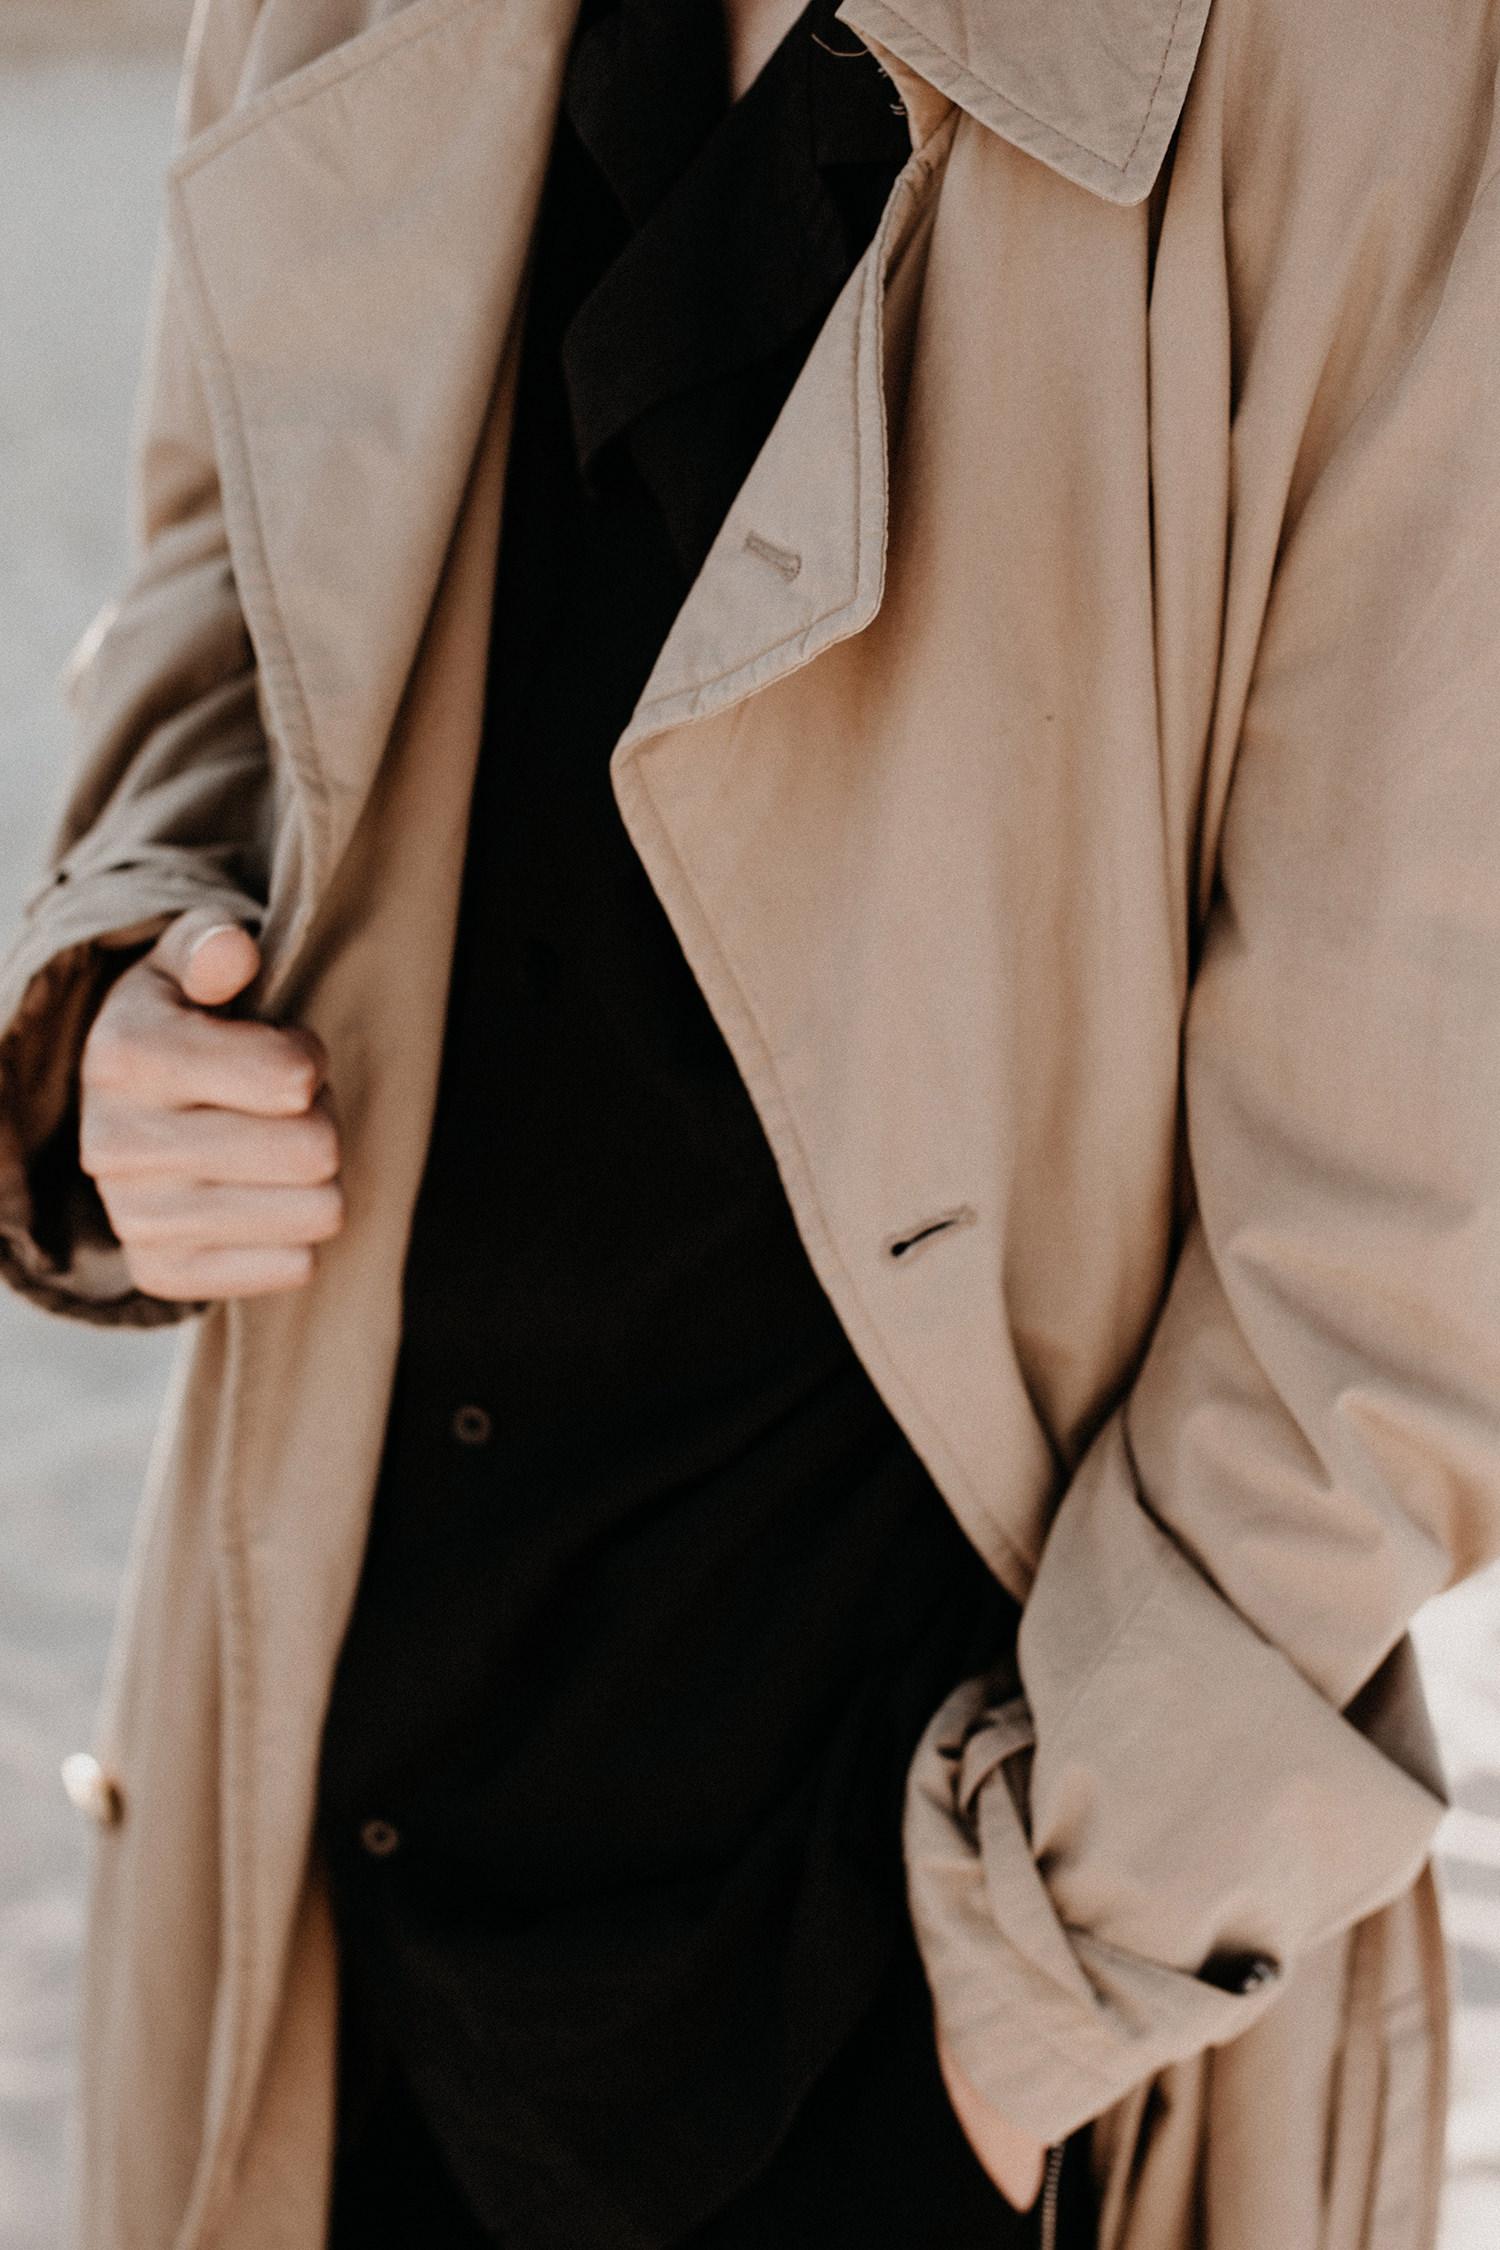 Fashion-Editorial-Fotoproduktion-Fotograf-Duesseldorf-Anna-Fichtner-g-13